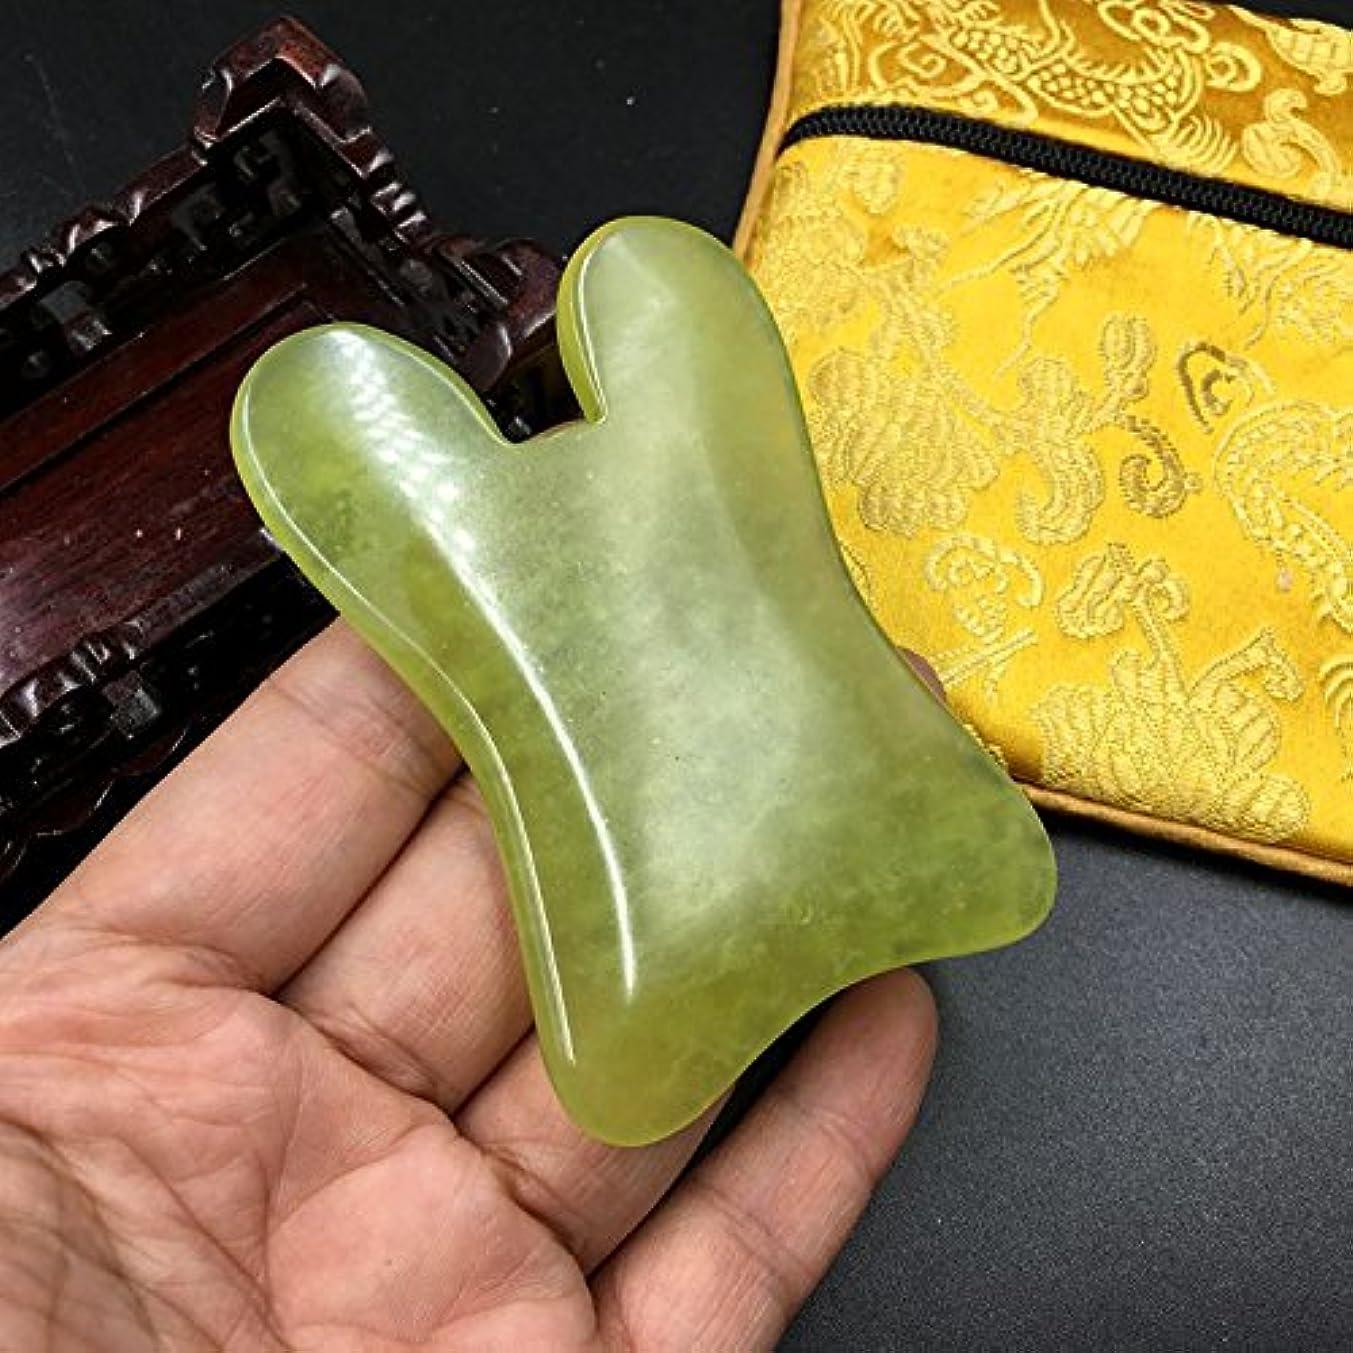 アルファベット順施し微生物1点1pcFace / Body Massage Natural Jade Gua Sha Board U 形 shape かっさプレート 天然石 翡翠(顔?ボディのリンパマッサージ)